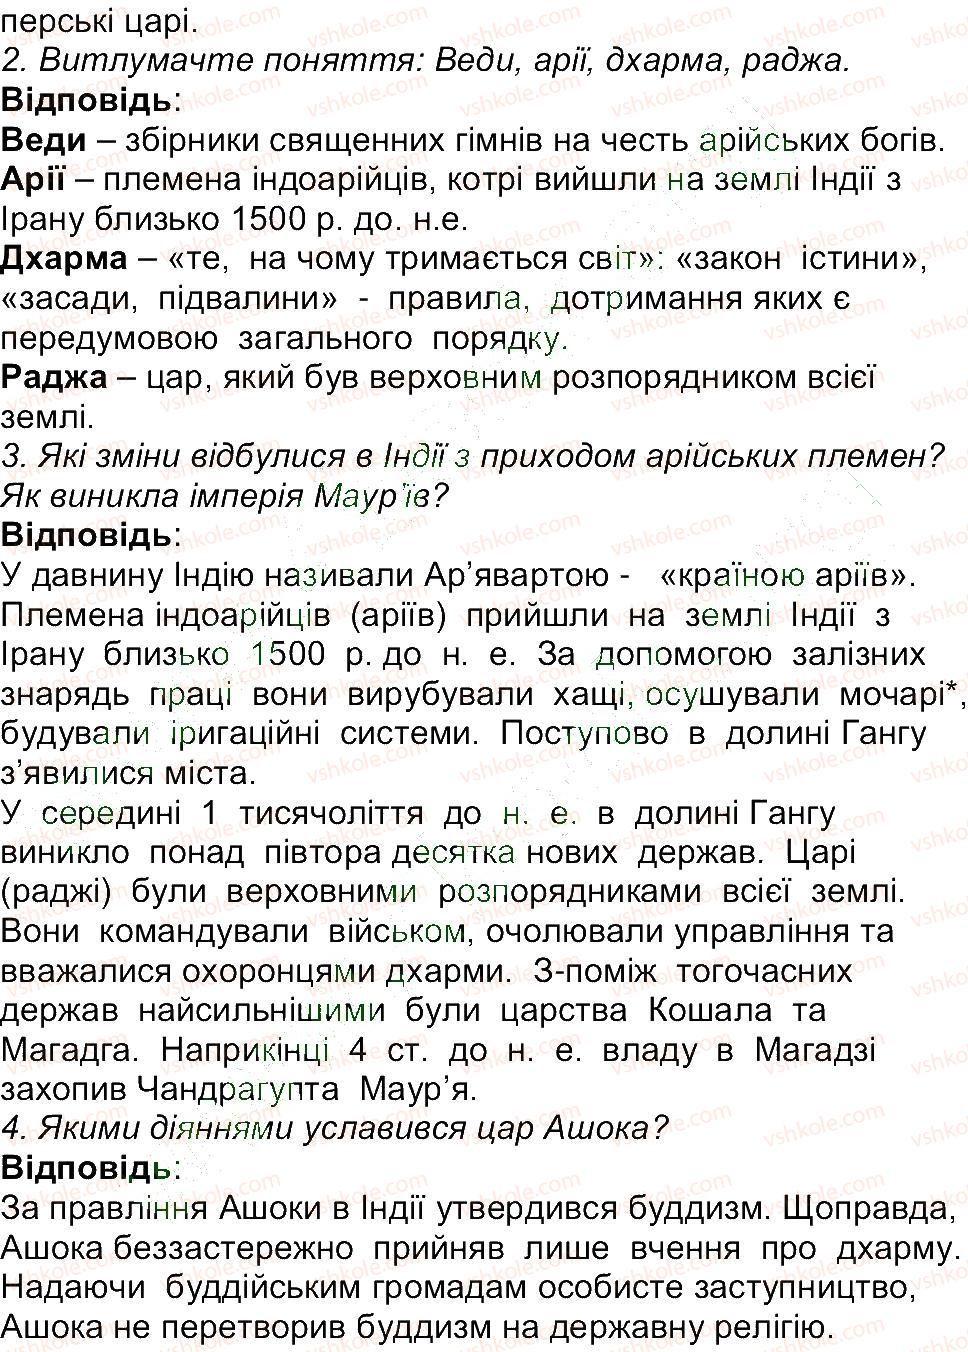 6-istoriya-og-bandrovskij-vs-vlasov-2014--storinki-72140-102-rnd6689.jpg